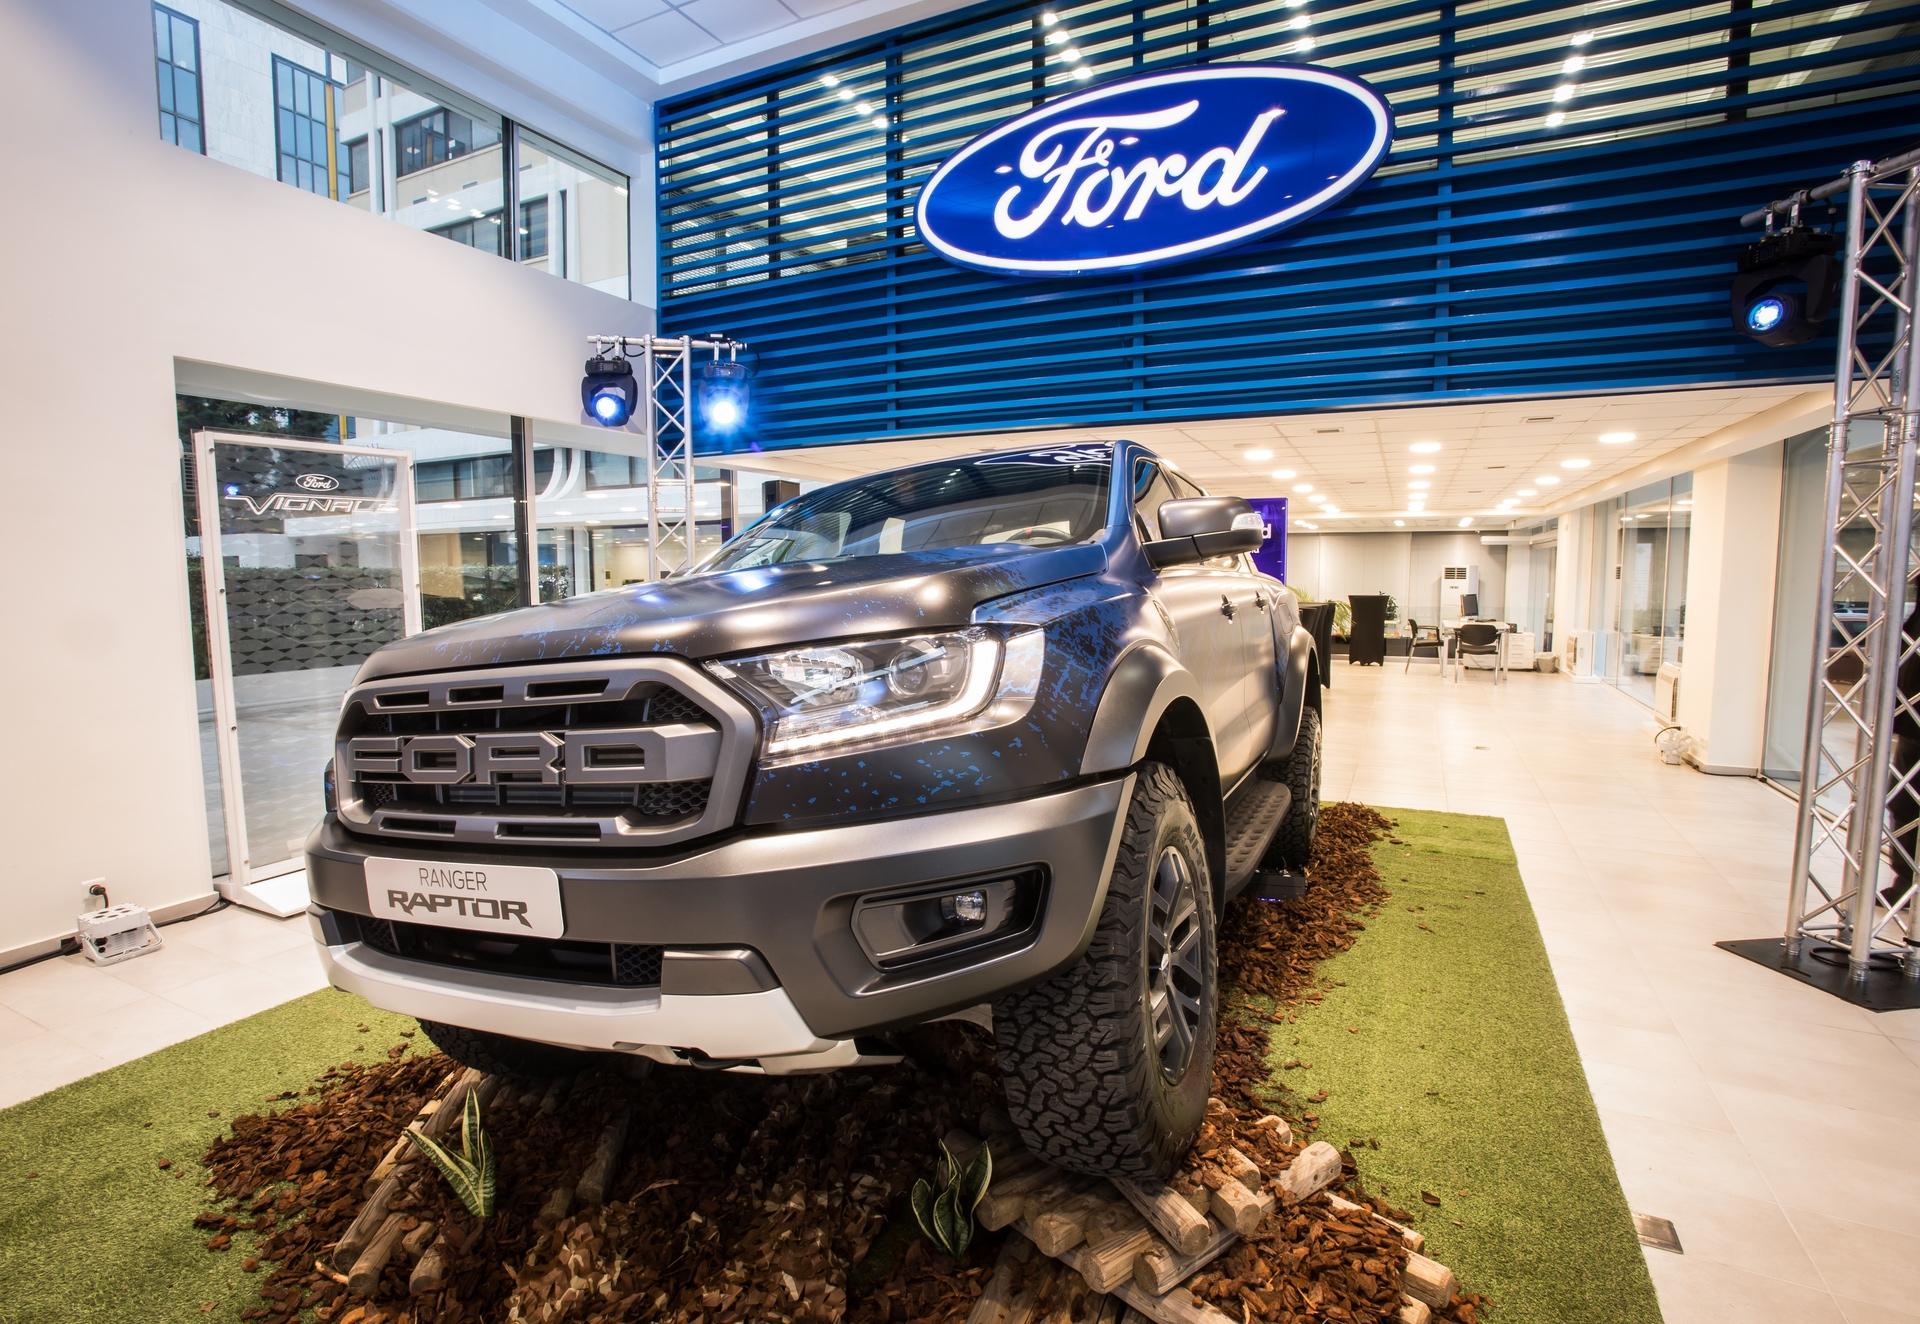 Ford_Ranger_Raptor_greek_resentation_0012